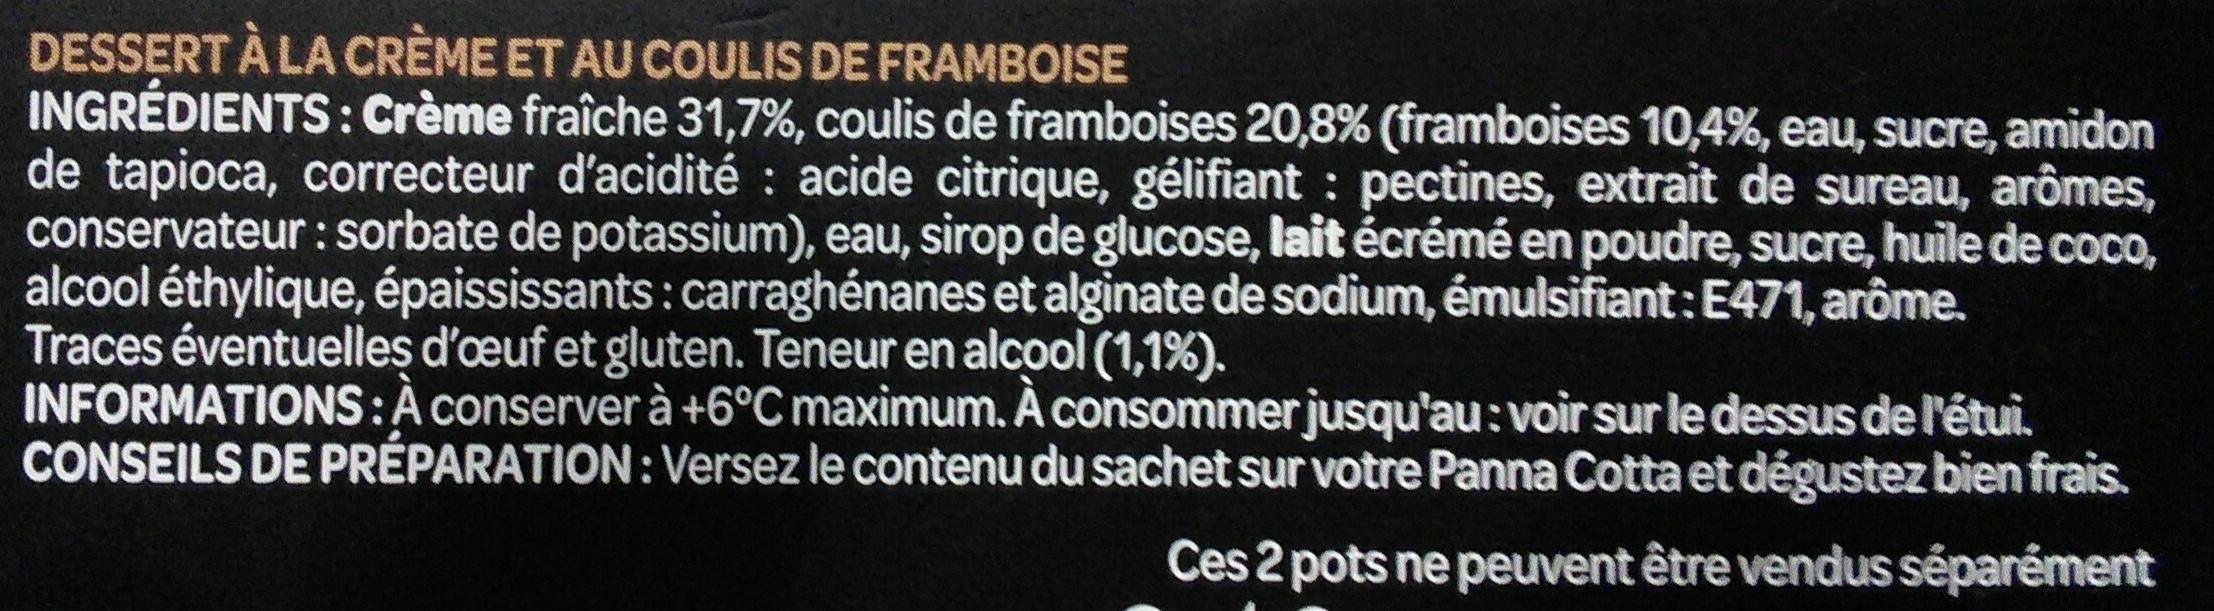 La Délicieuse Panna cotta Framboise et son divin coulis - Ingrédients - fr